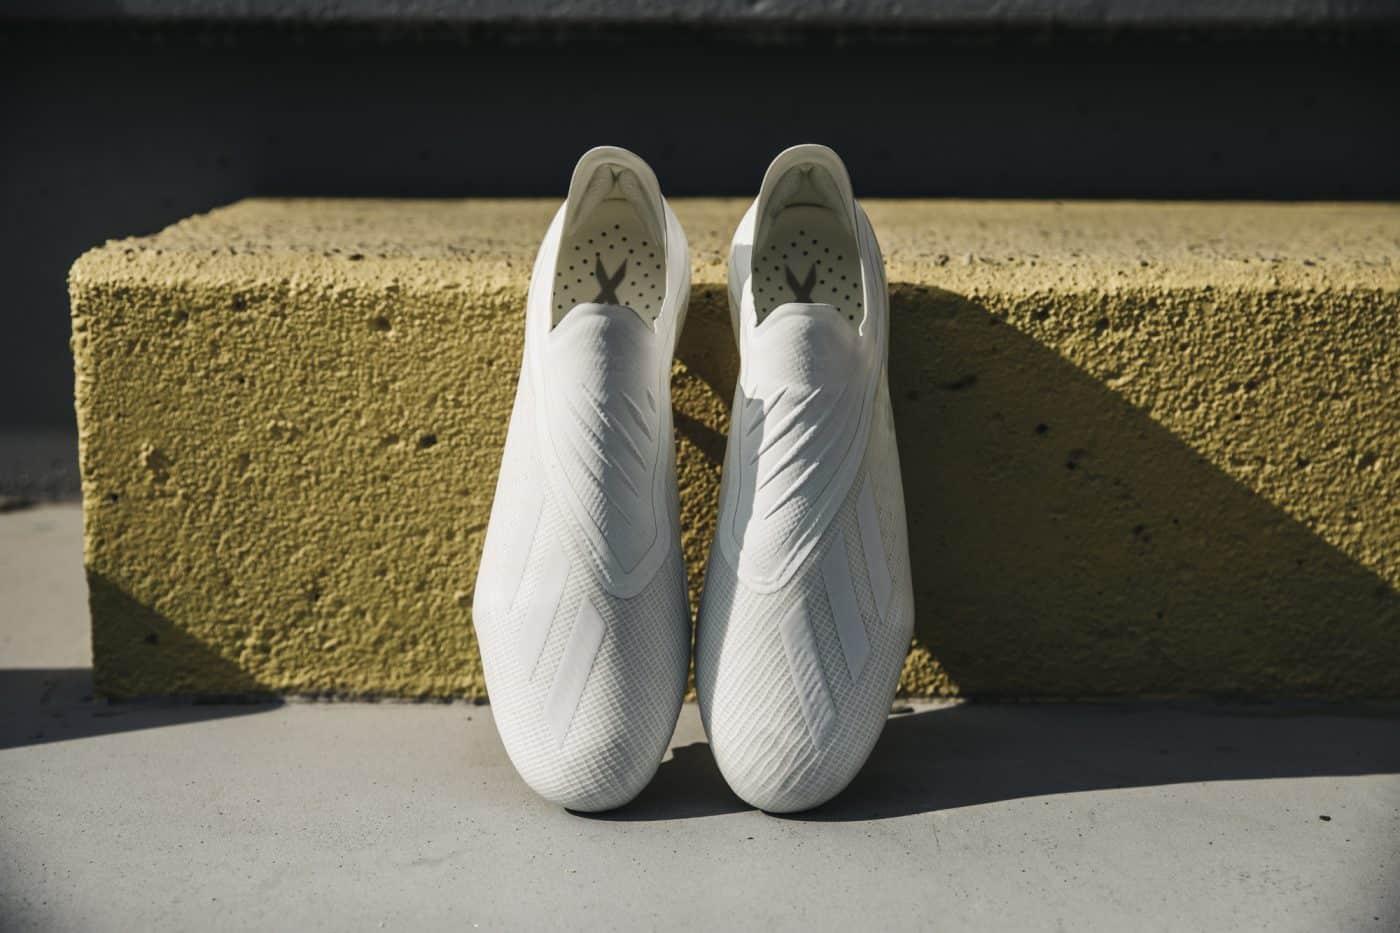 adidas-x-spectral-mode-septembre-2018-4